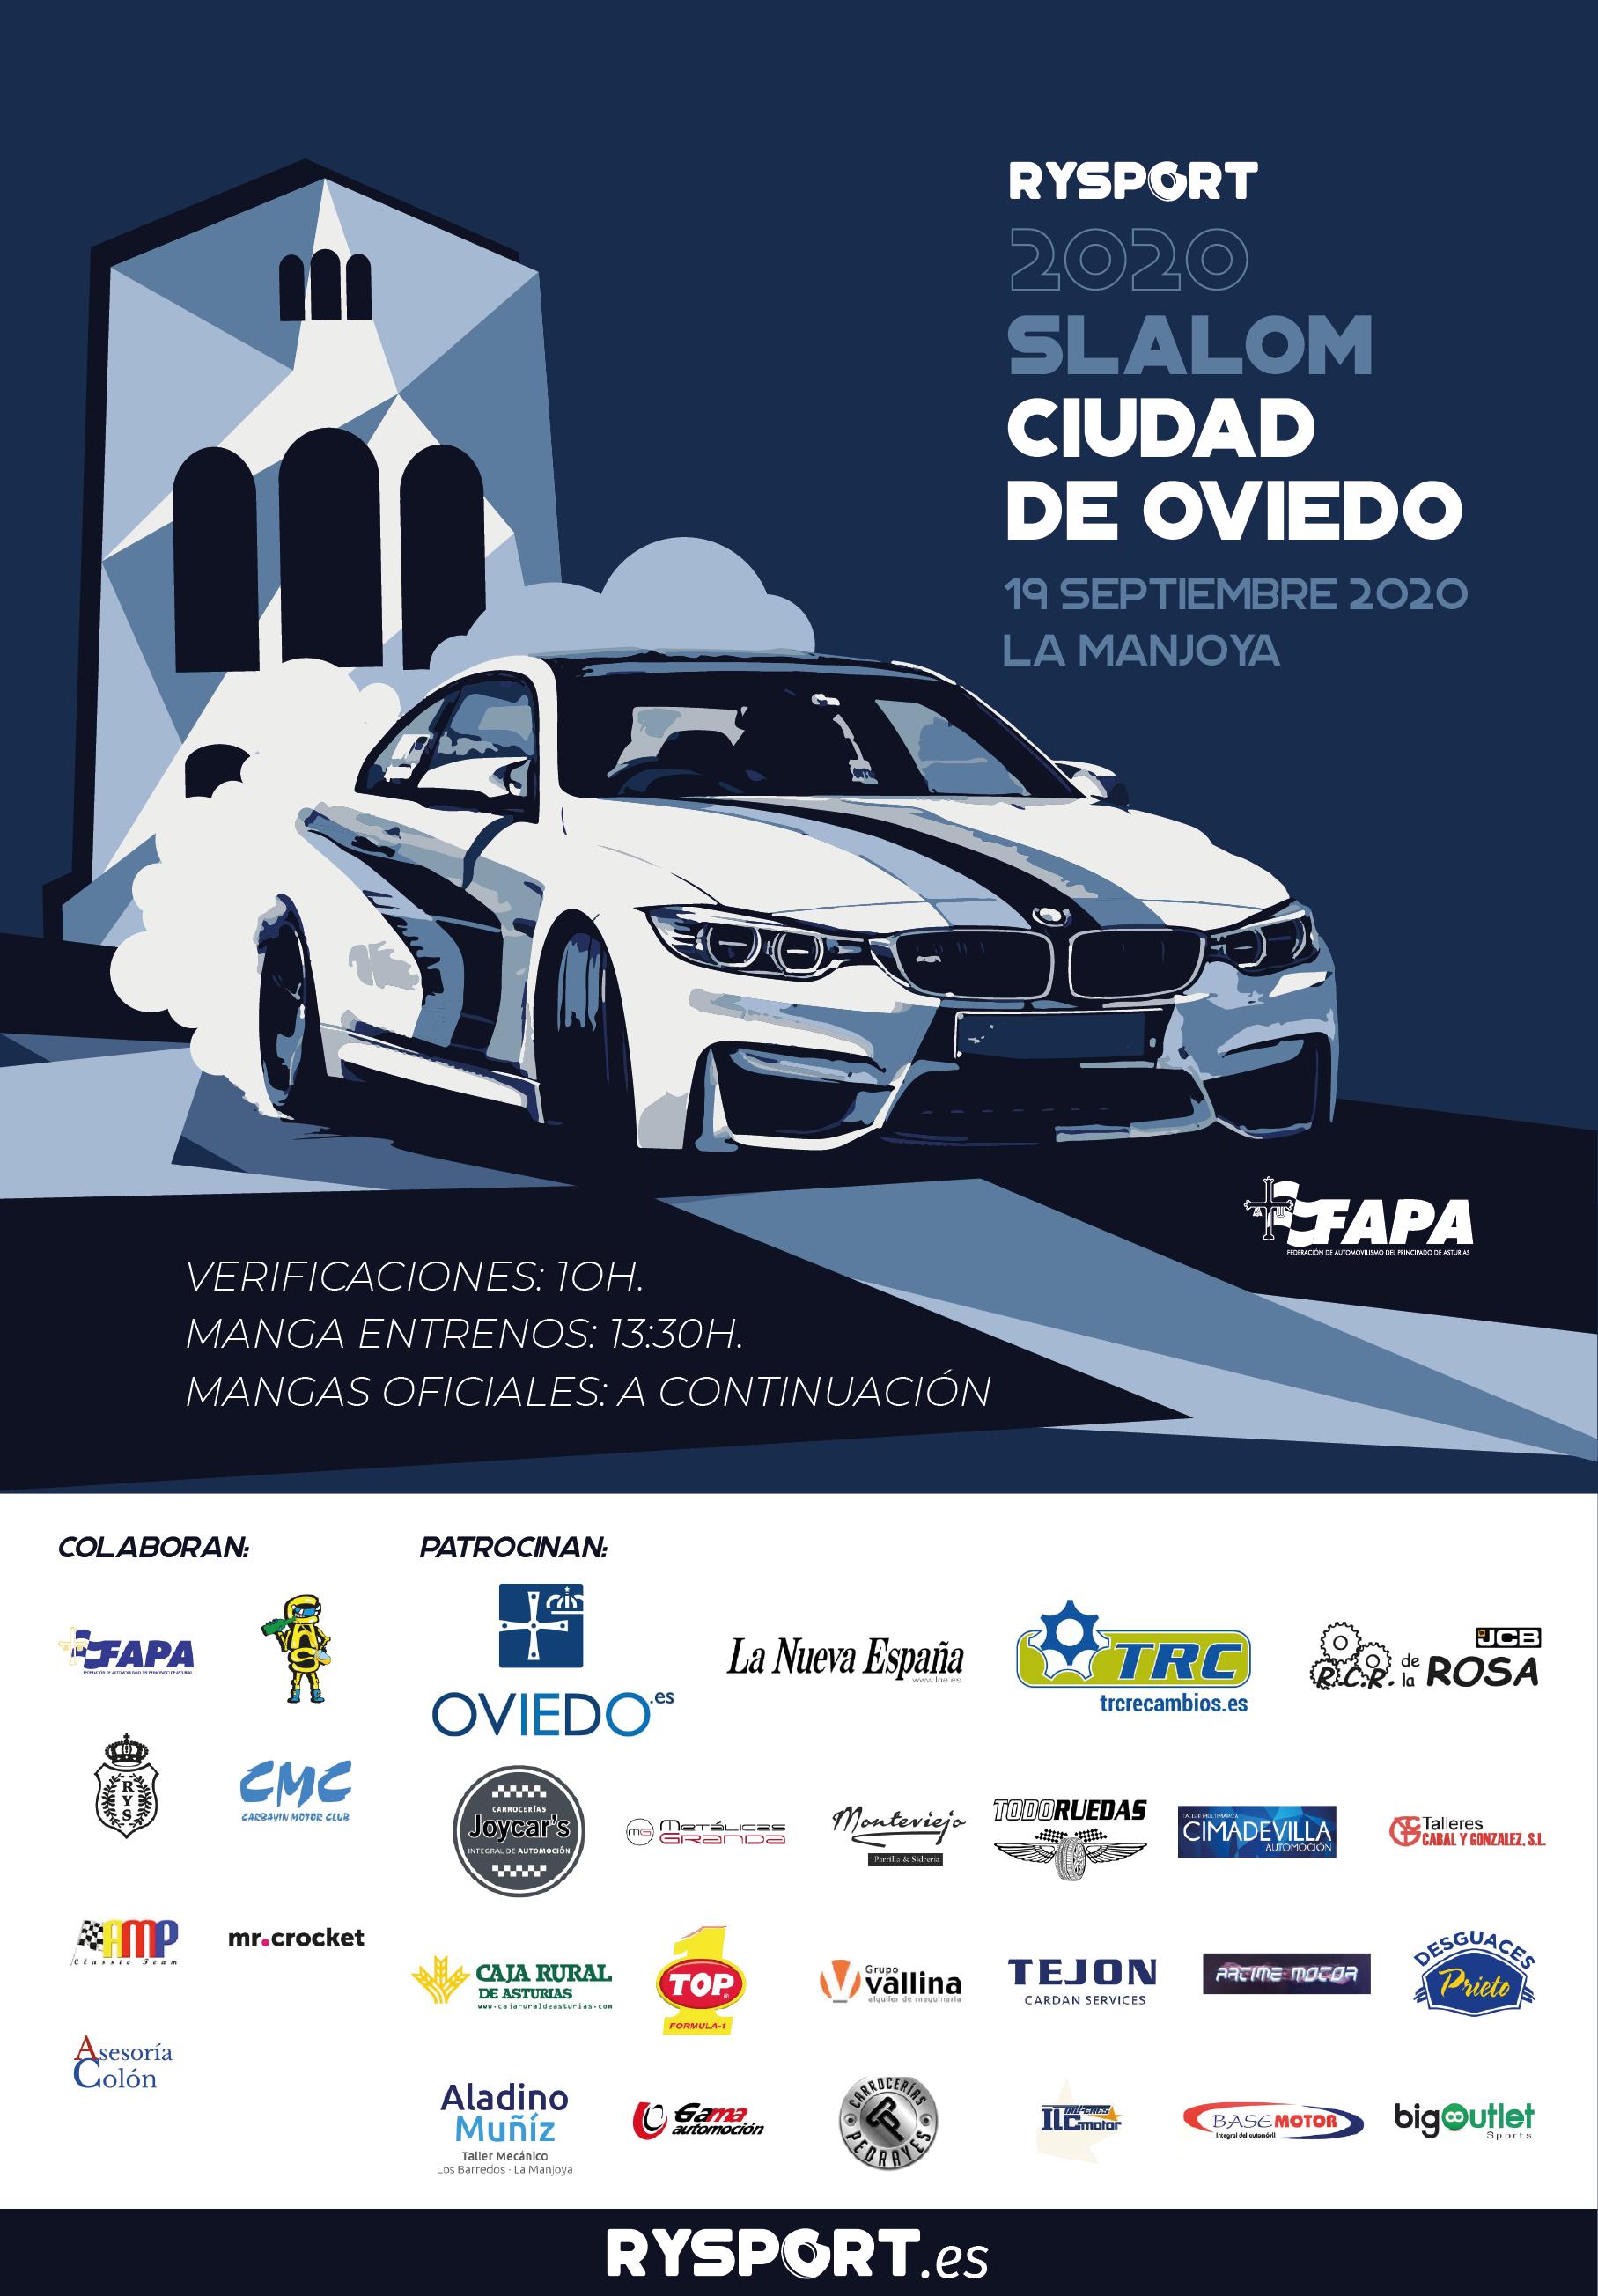 Presentado el cartel oficial del Slalom 2020